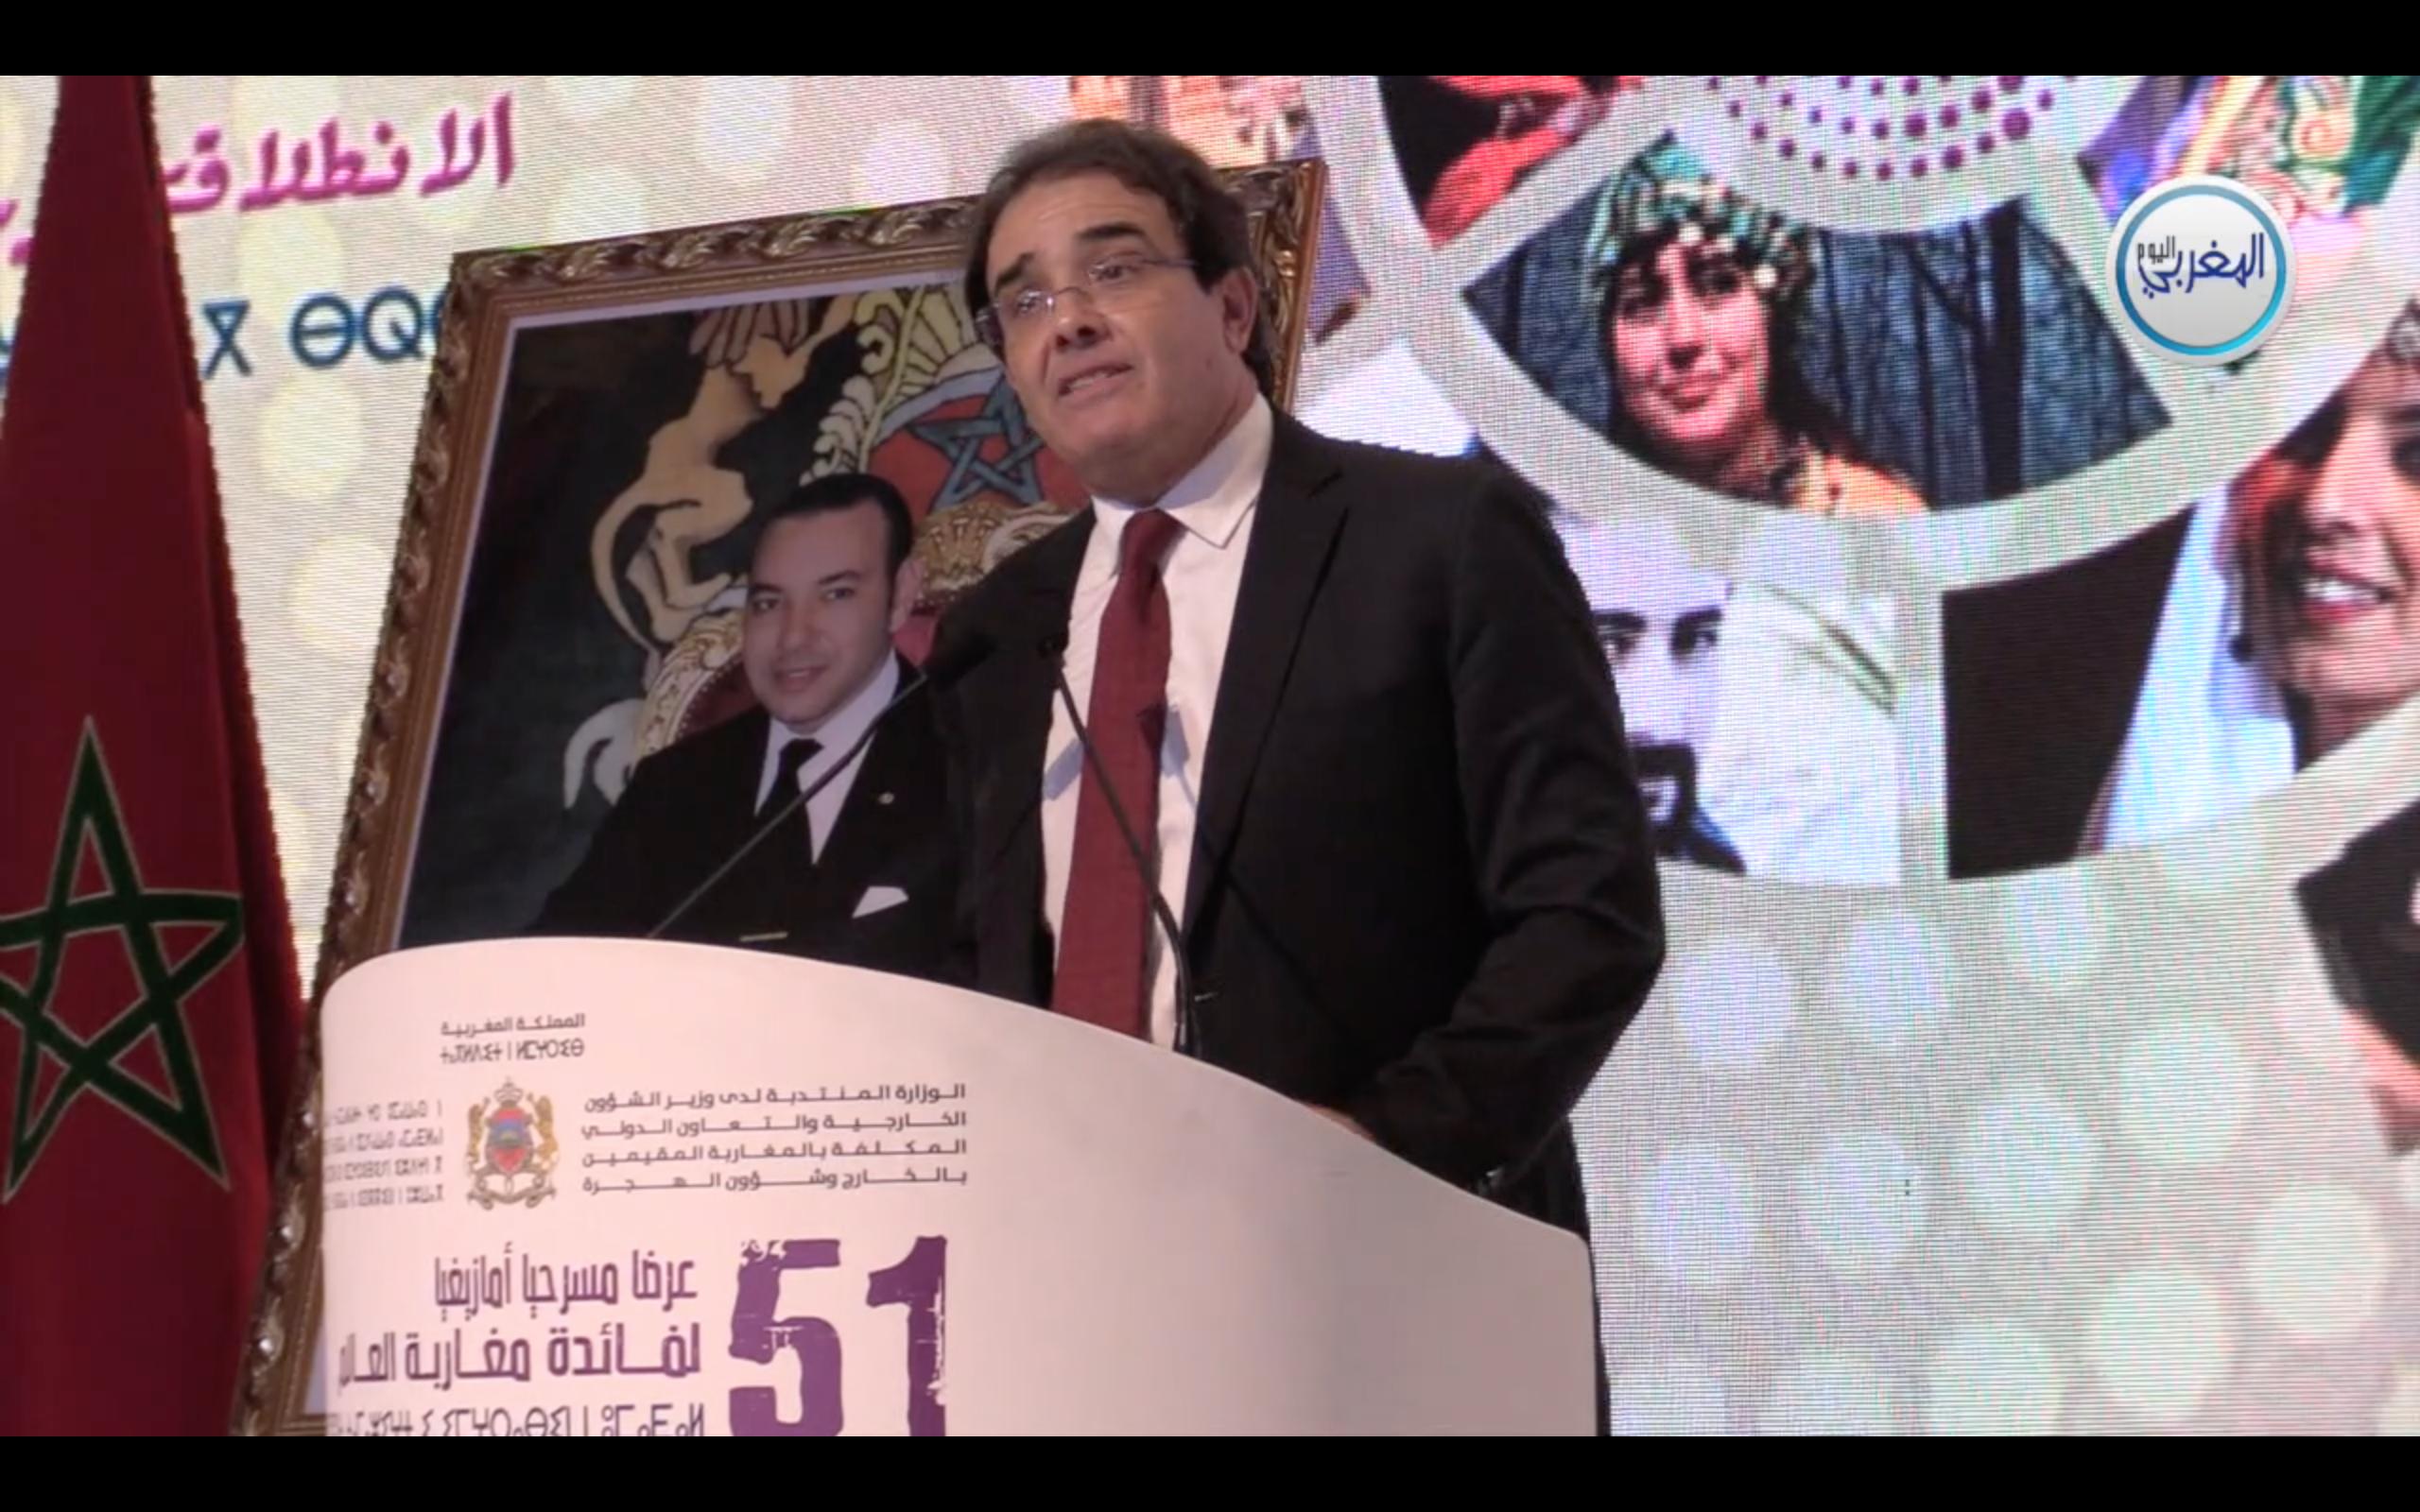 بالفيديو… بنعتيق في حضرة الفنانين… ارتسامات على هامش إطلاق جولات مسرحية باللغة الأمازيغية لفائدة مغاربة العالم